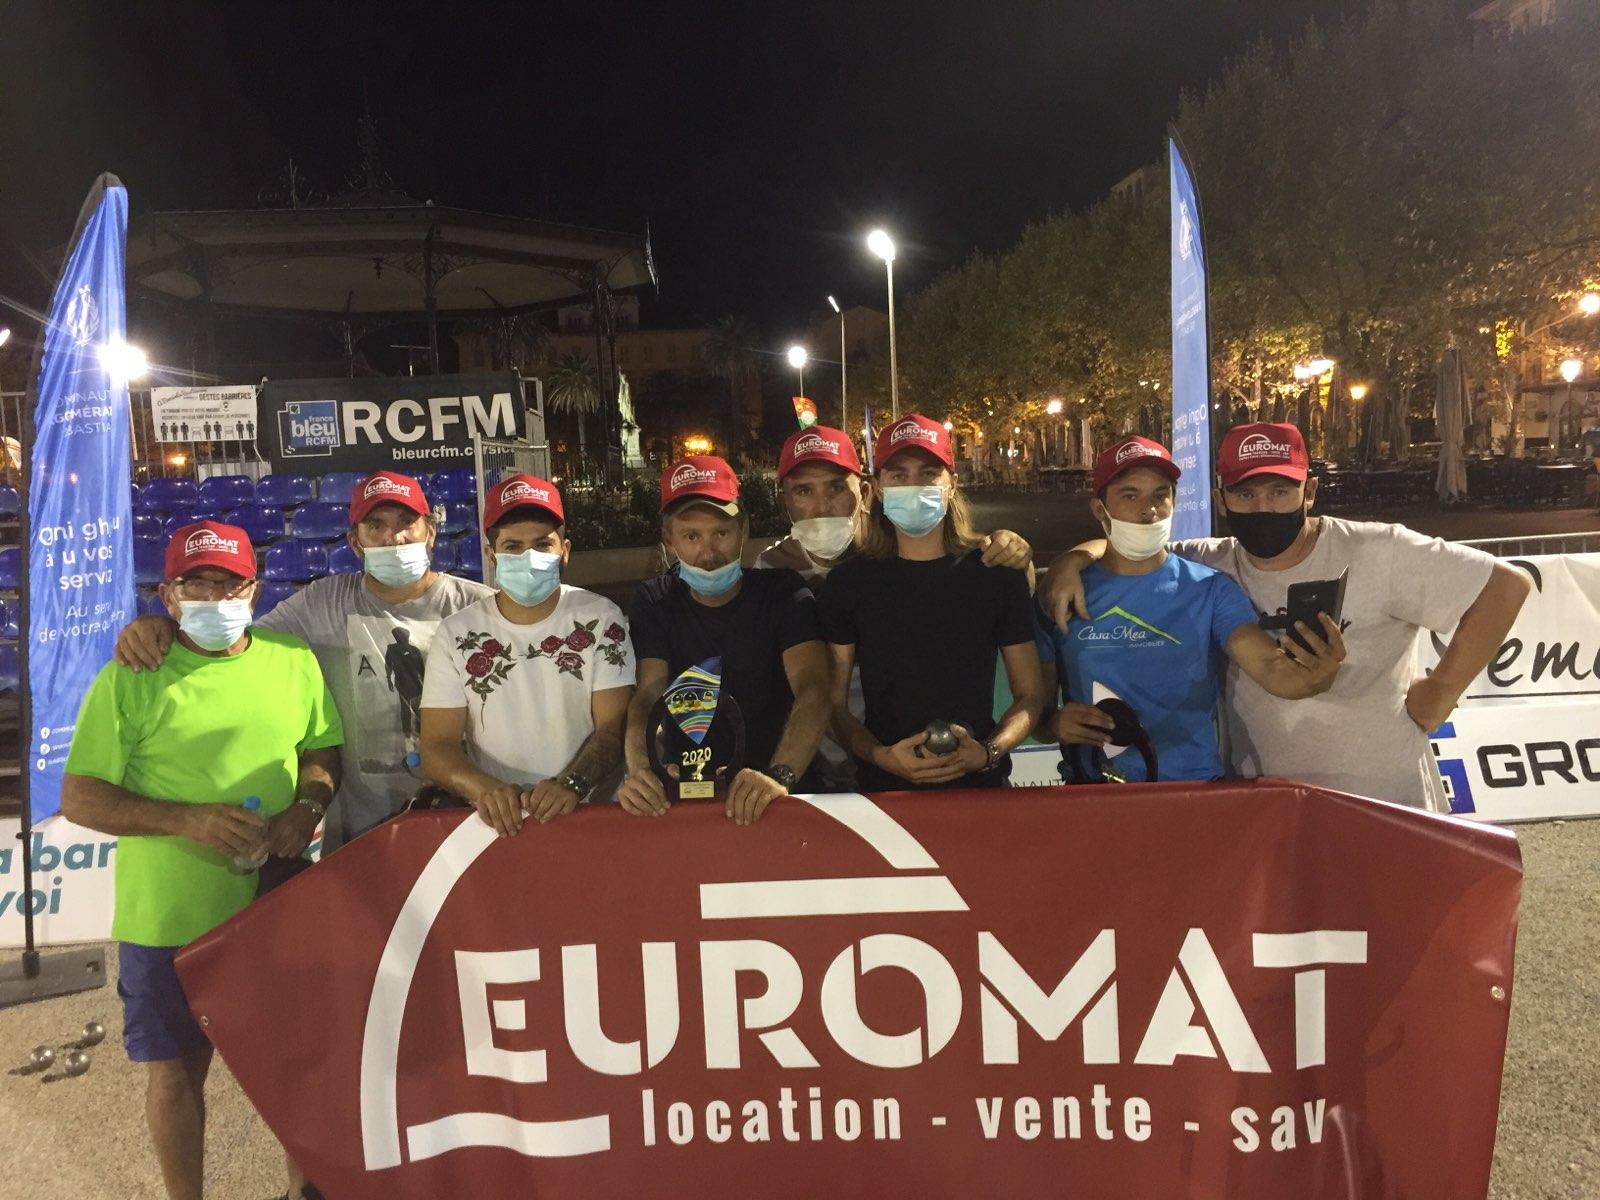 Les 4 doublettes qui se sont partagées la victoire du Trophée Euromat.